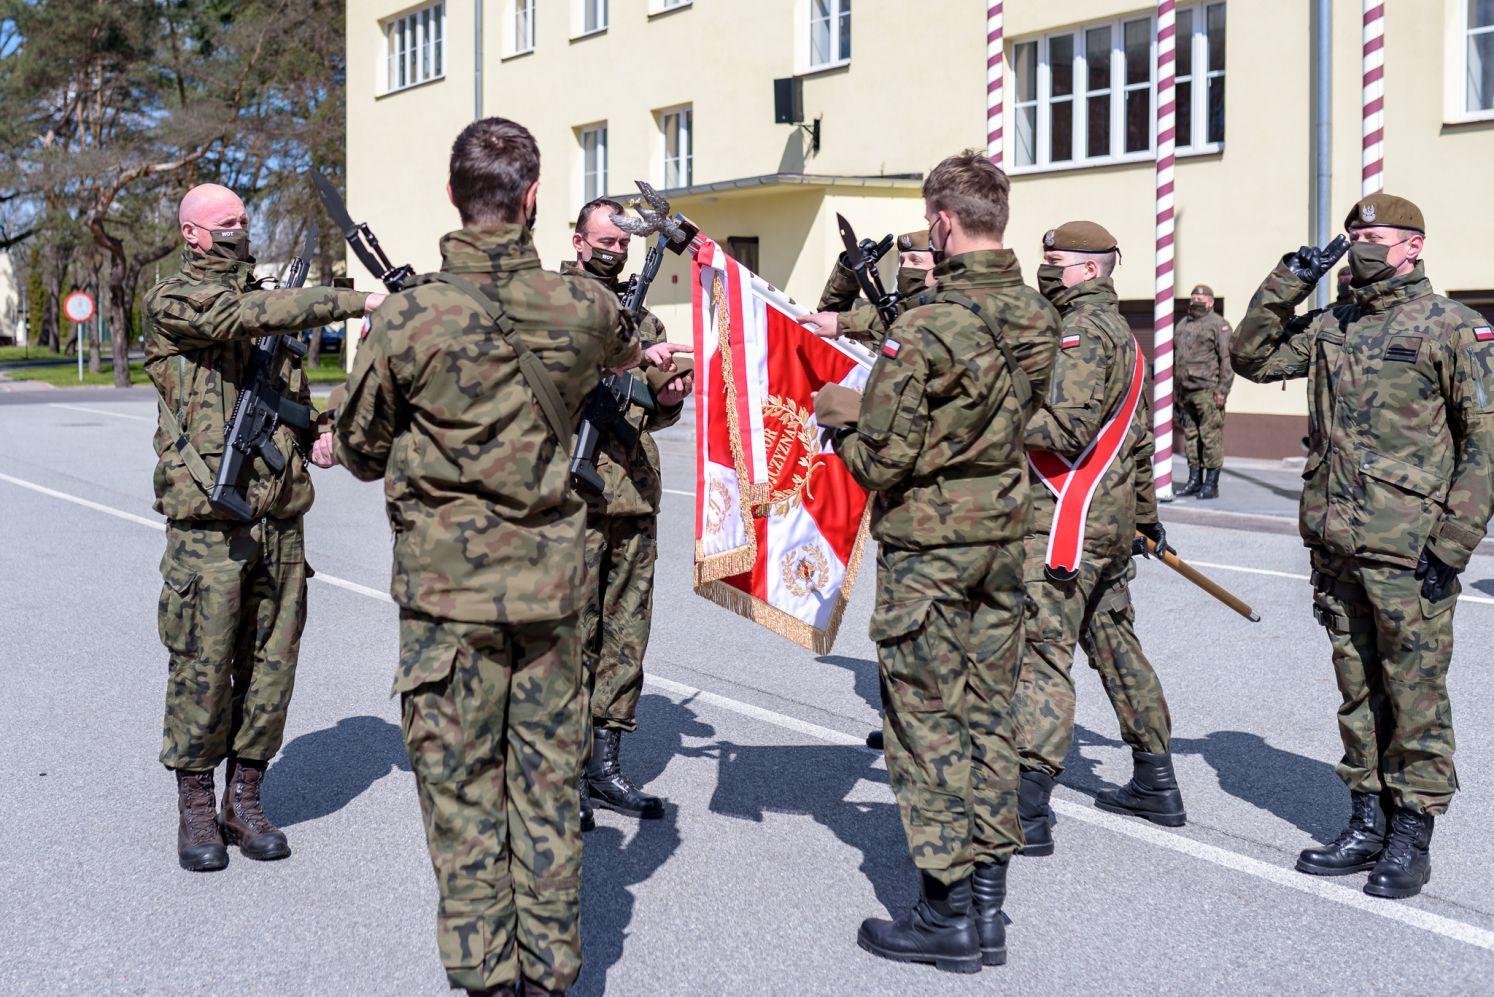 [ZDJĘCIA] Obrona Terytorialna: Święto i przysięga nowych żołnierzy. Wśród nich 13 kobiet - Zdjęcie główne